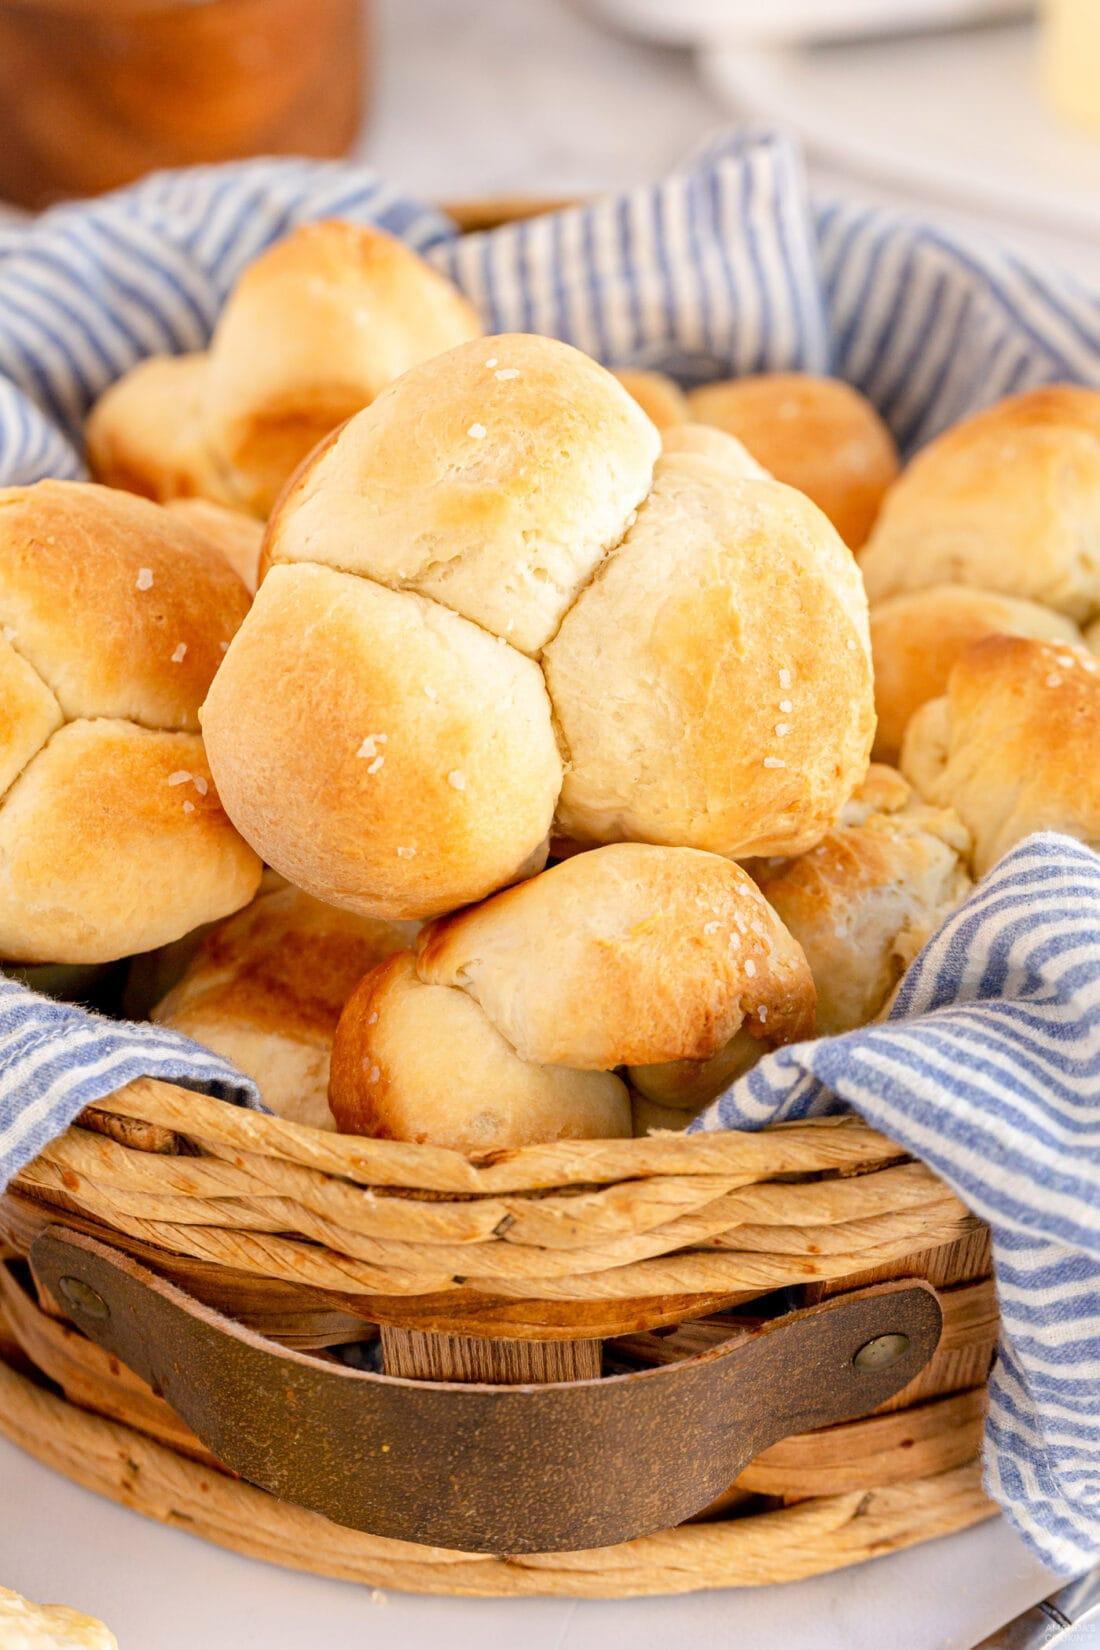 basket of Homemade Pull Apart Dinner Rolls